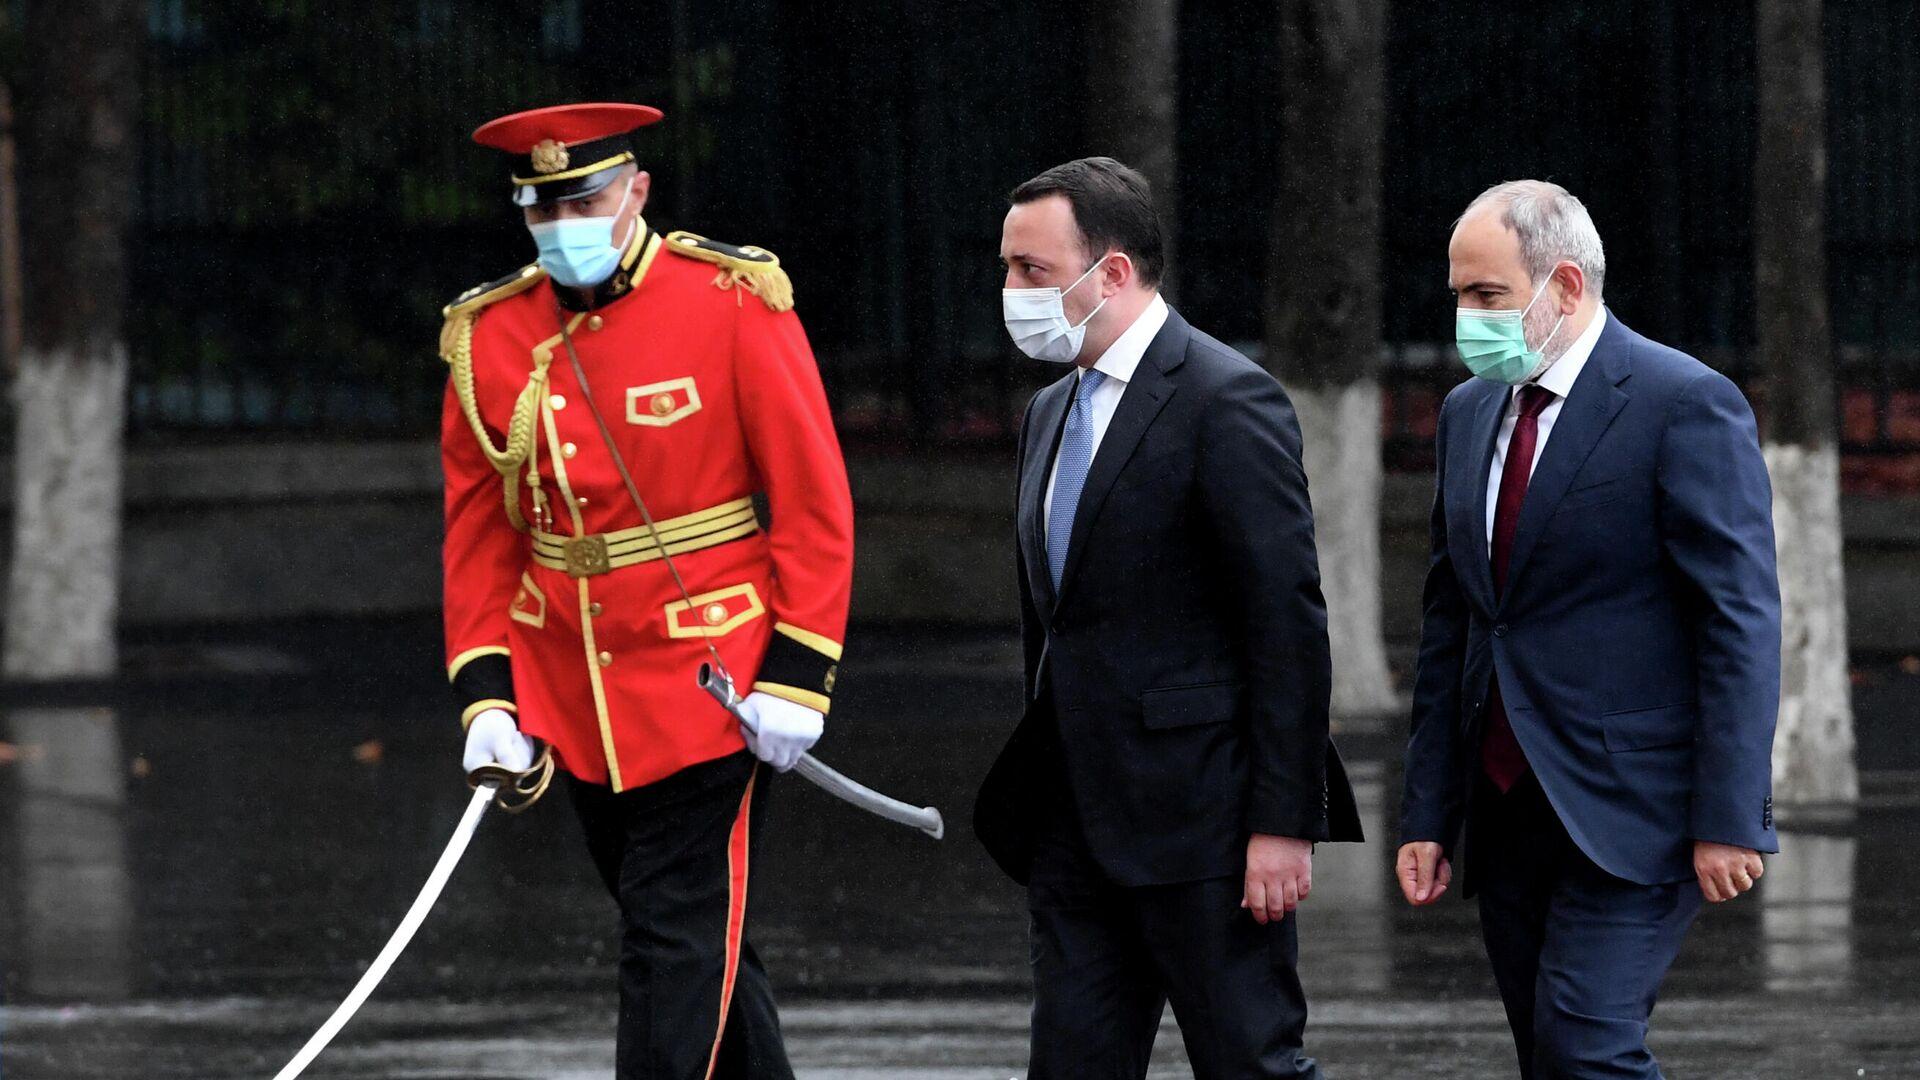 Официальный визит премьер-министра Армении  Никола Пашиняна в Грузию - Sputnik Грузия, 1920, 08.09.2021